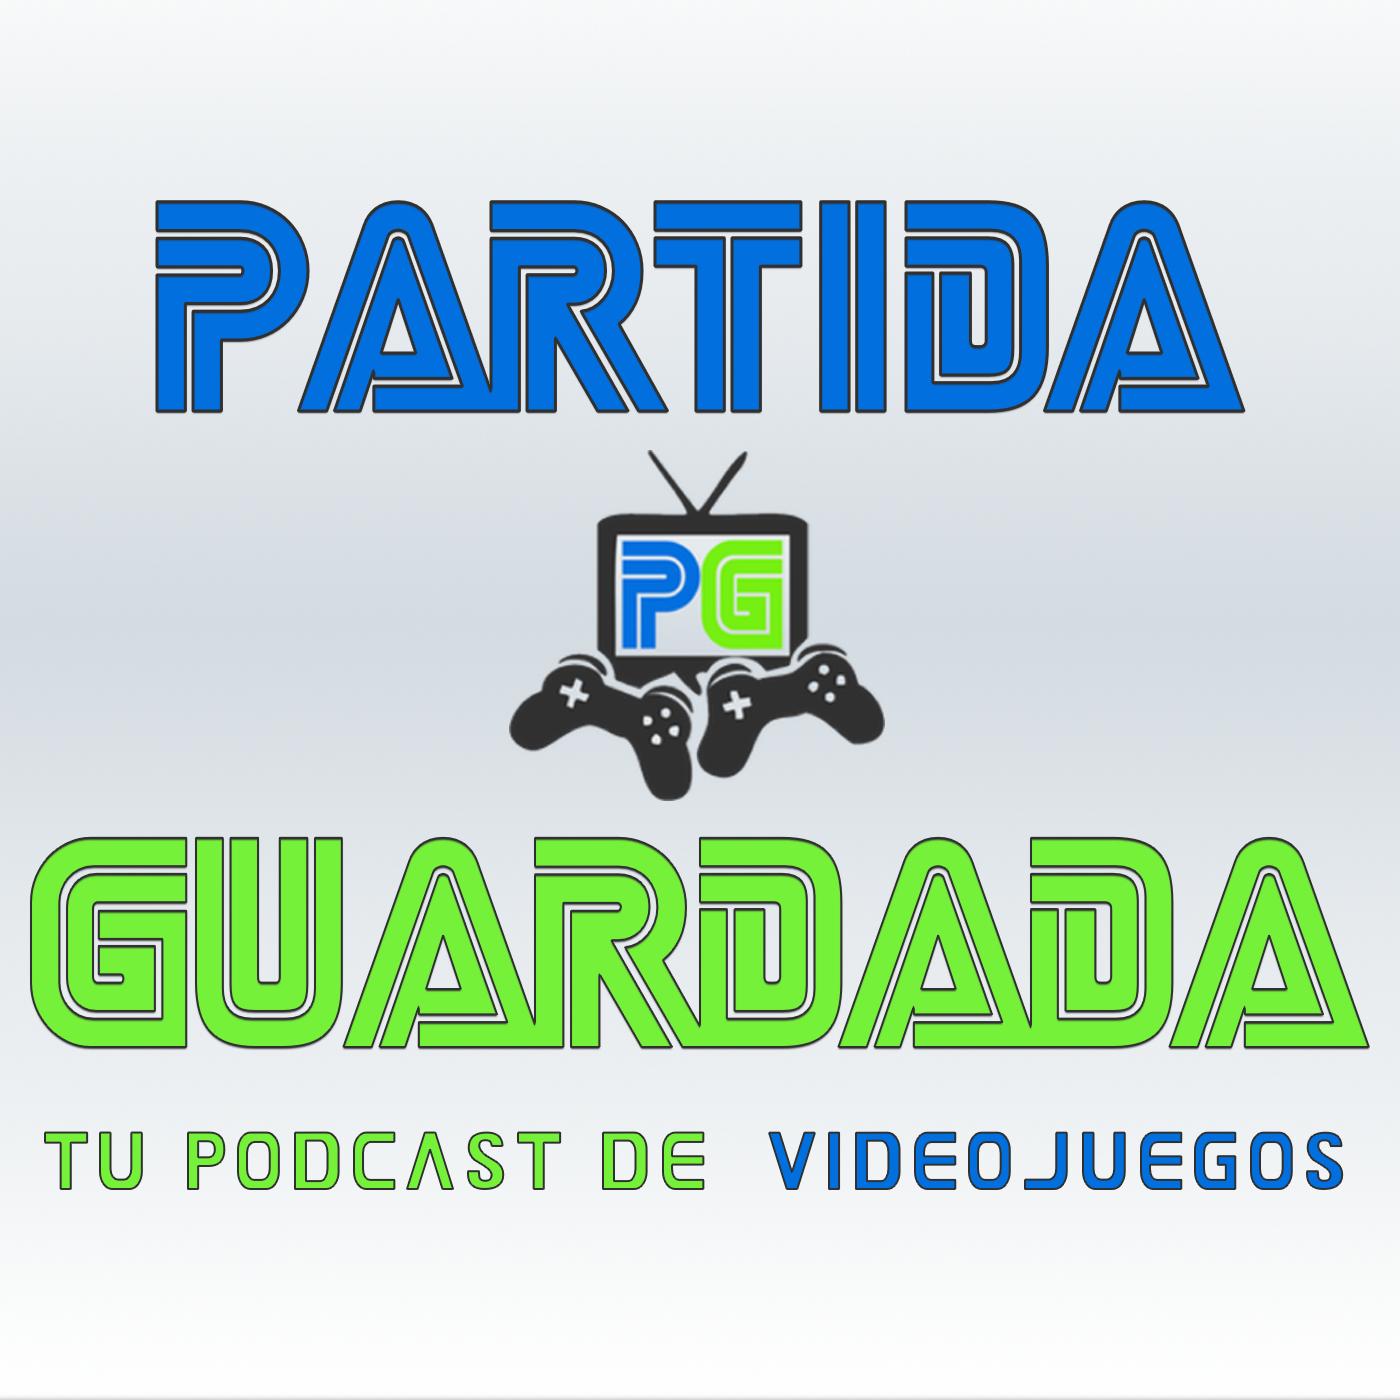 Logo de Partida guardada